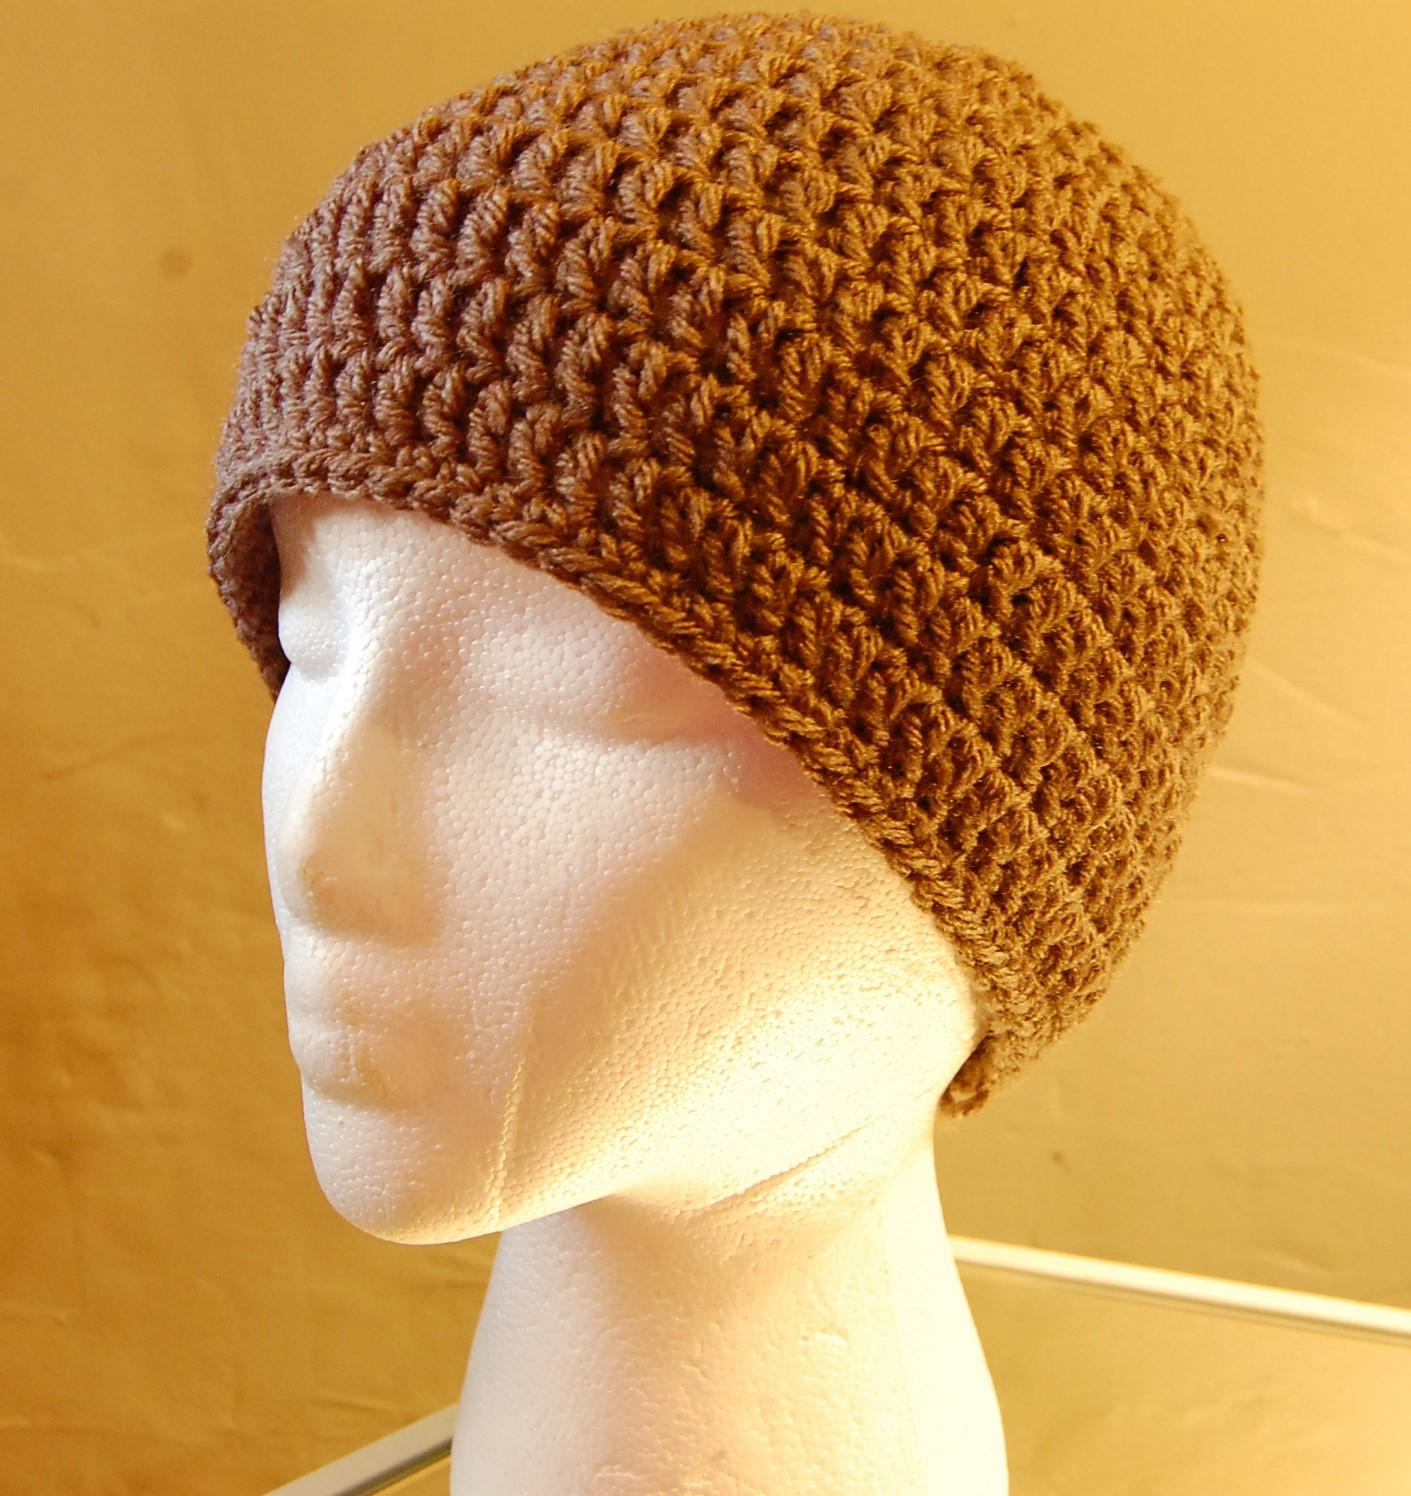 Mens crochet hat pattern jjcrochet mens crochet hat pattern a basic bankloansurffo Gallery